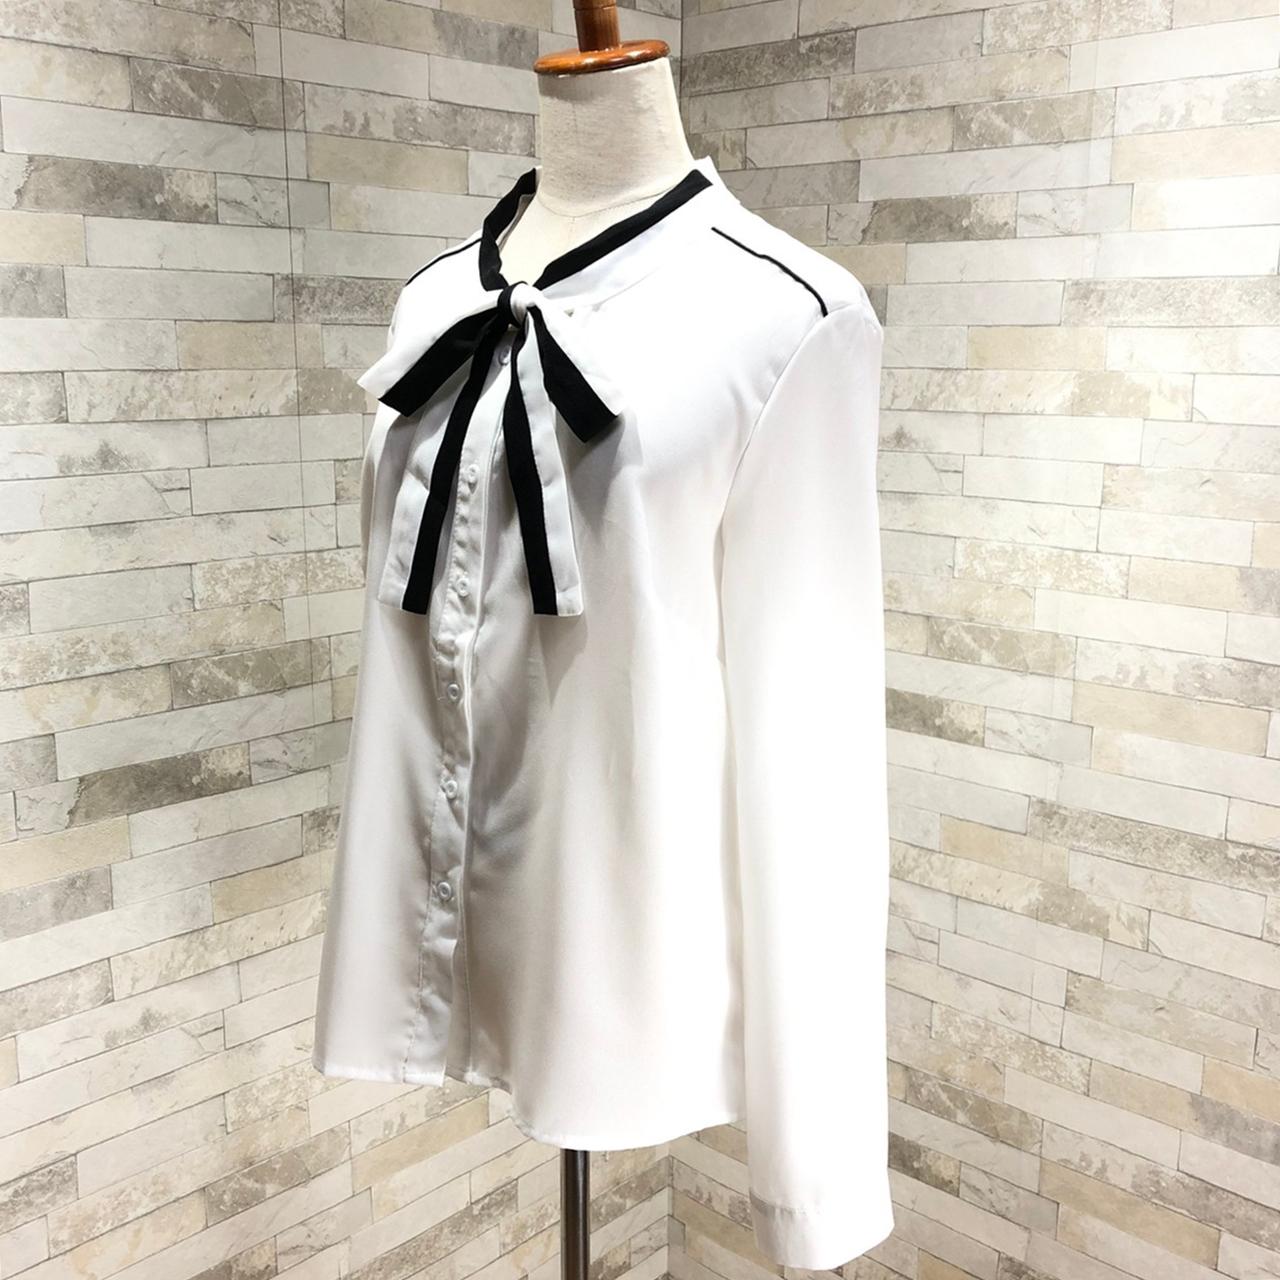 韓国 ファッション トップス ブラウス シャツ 春 秋 冬 カジュアル PTXG560  ボウタイ パイピング オフィス エレガント オルチャン シンプル 定番 セレカジの写真5枚目